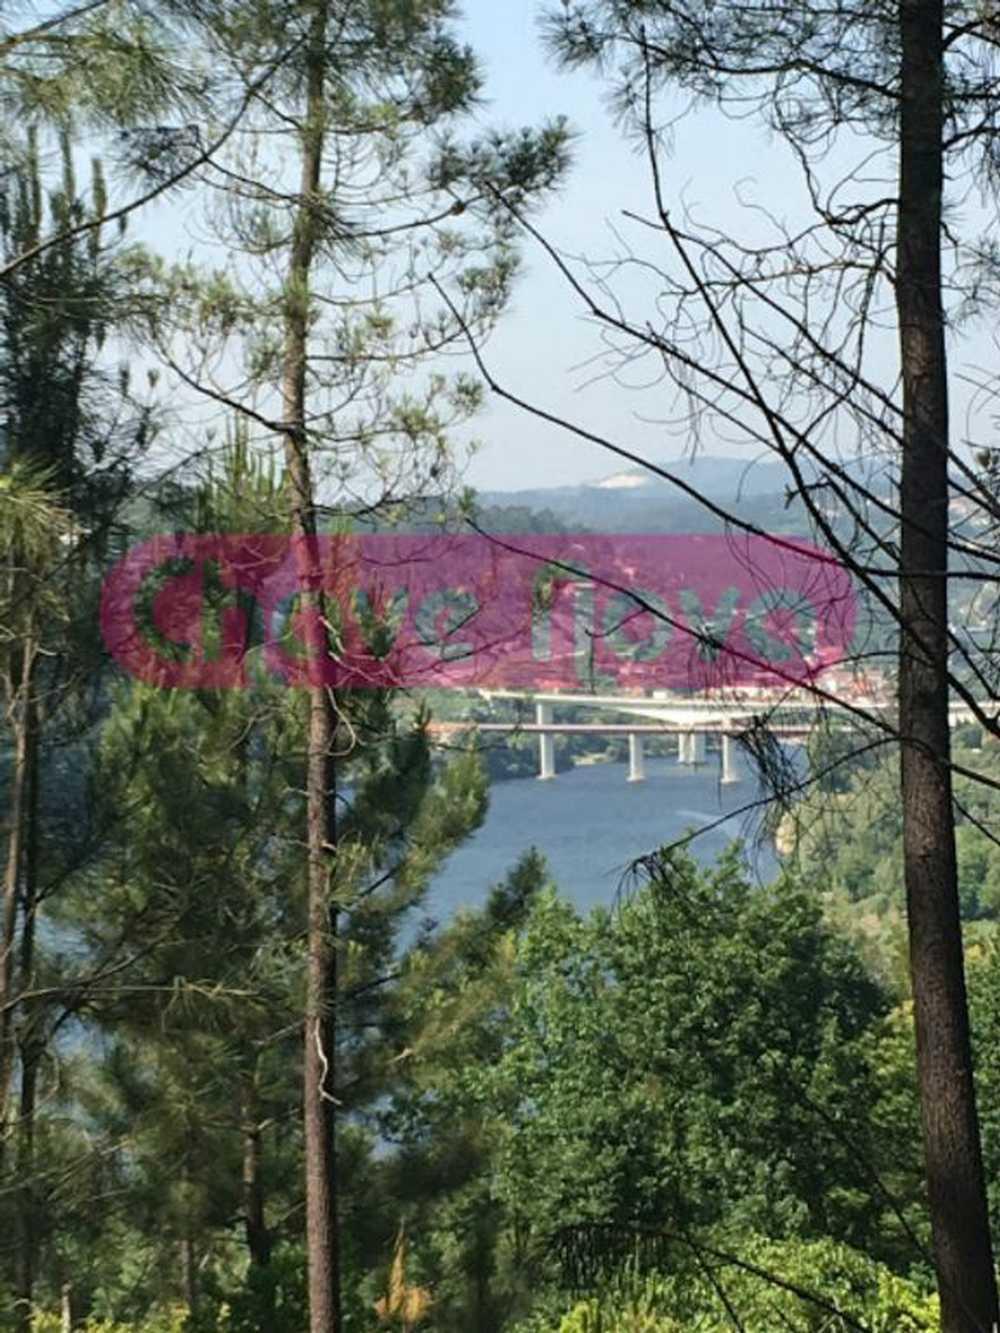 Bairros Castelo De Paiva terrain picture 66028